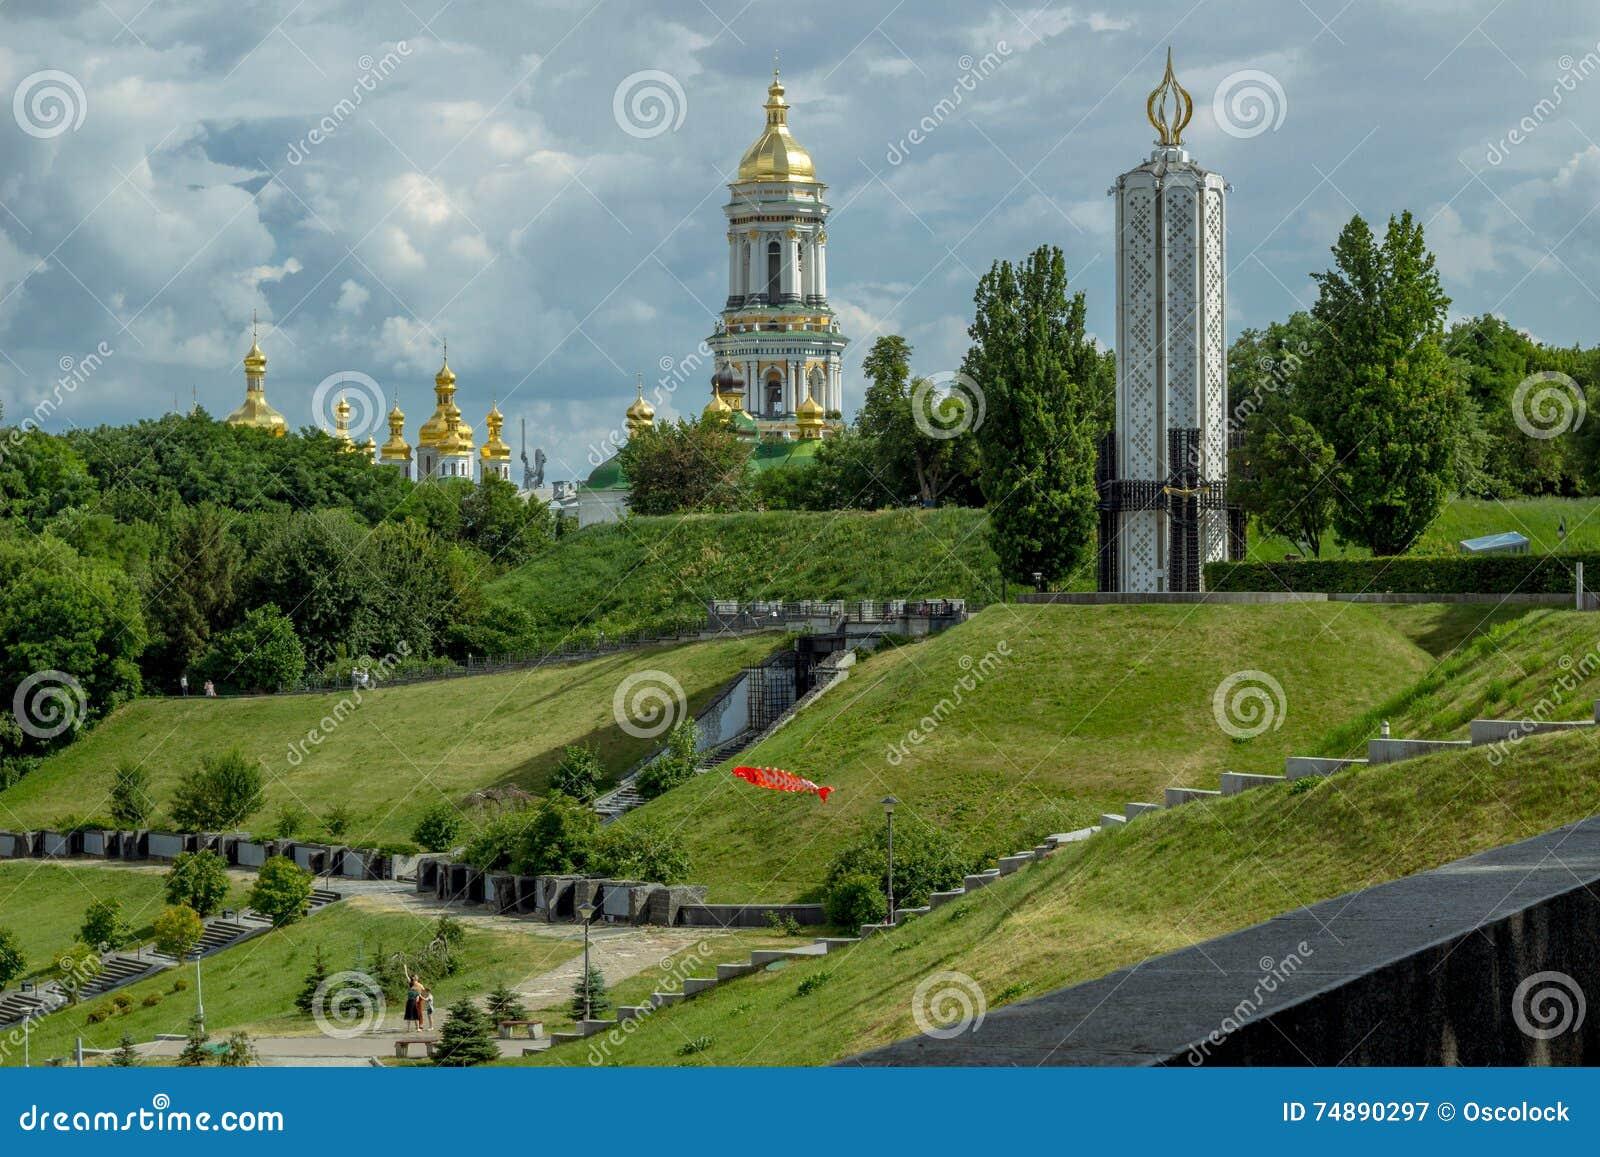 Parque da glória em montes verdes com memorial e monastério